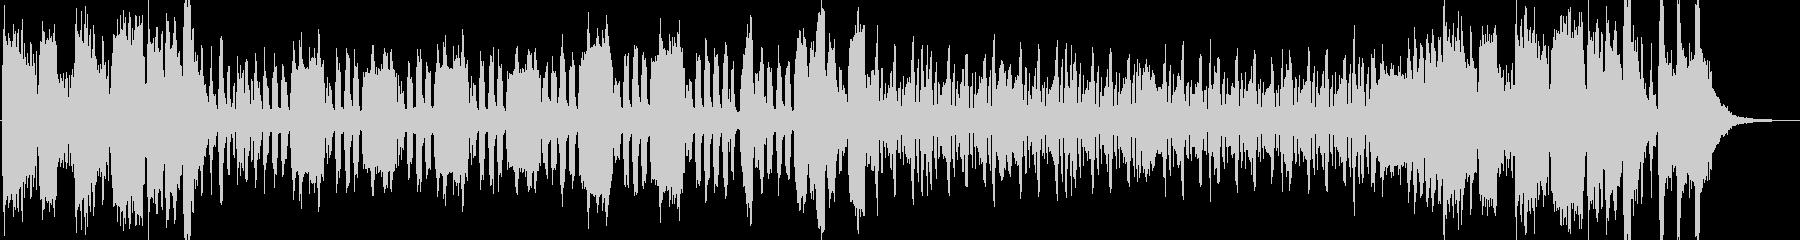 リコーダーとアコーディオンが奏でる軽快なの未再生の波形